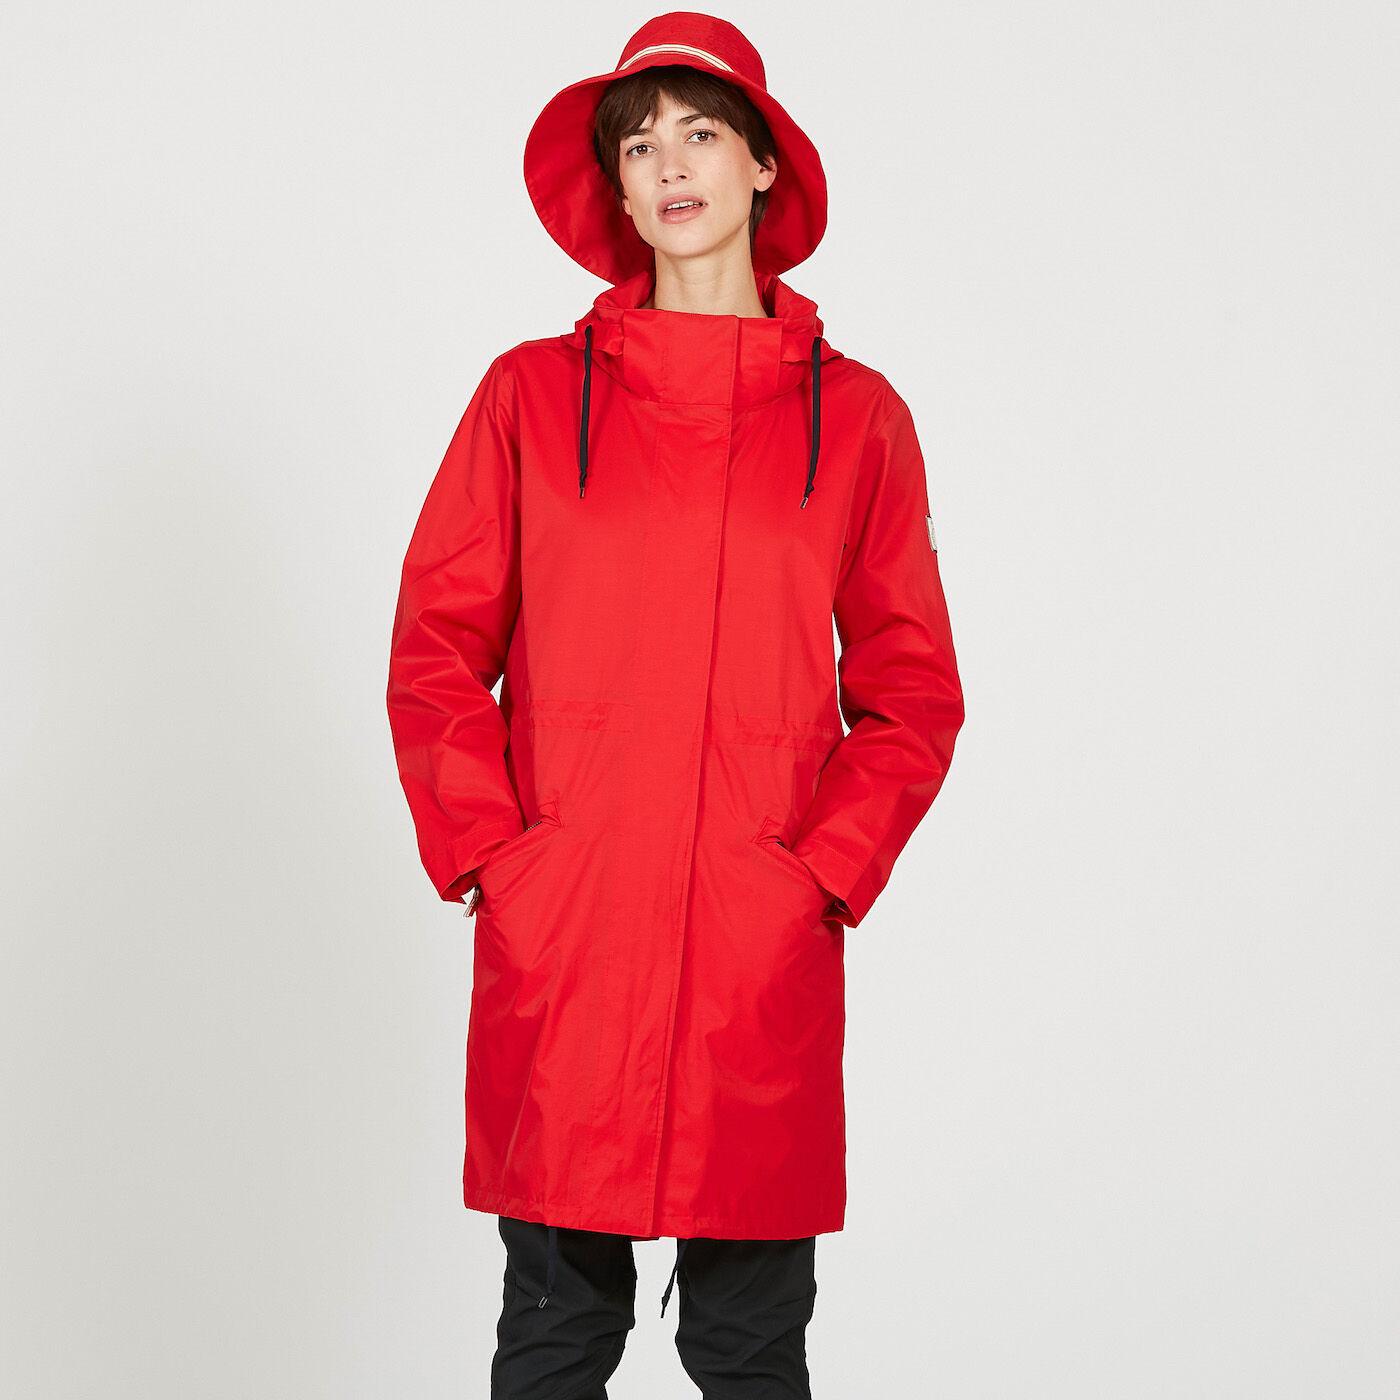 Manteau doudoune femme printemps